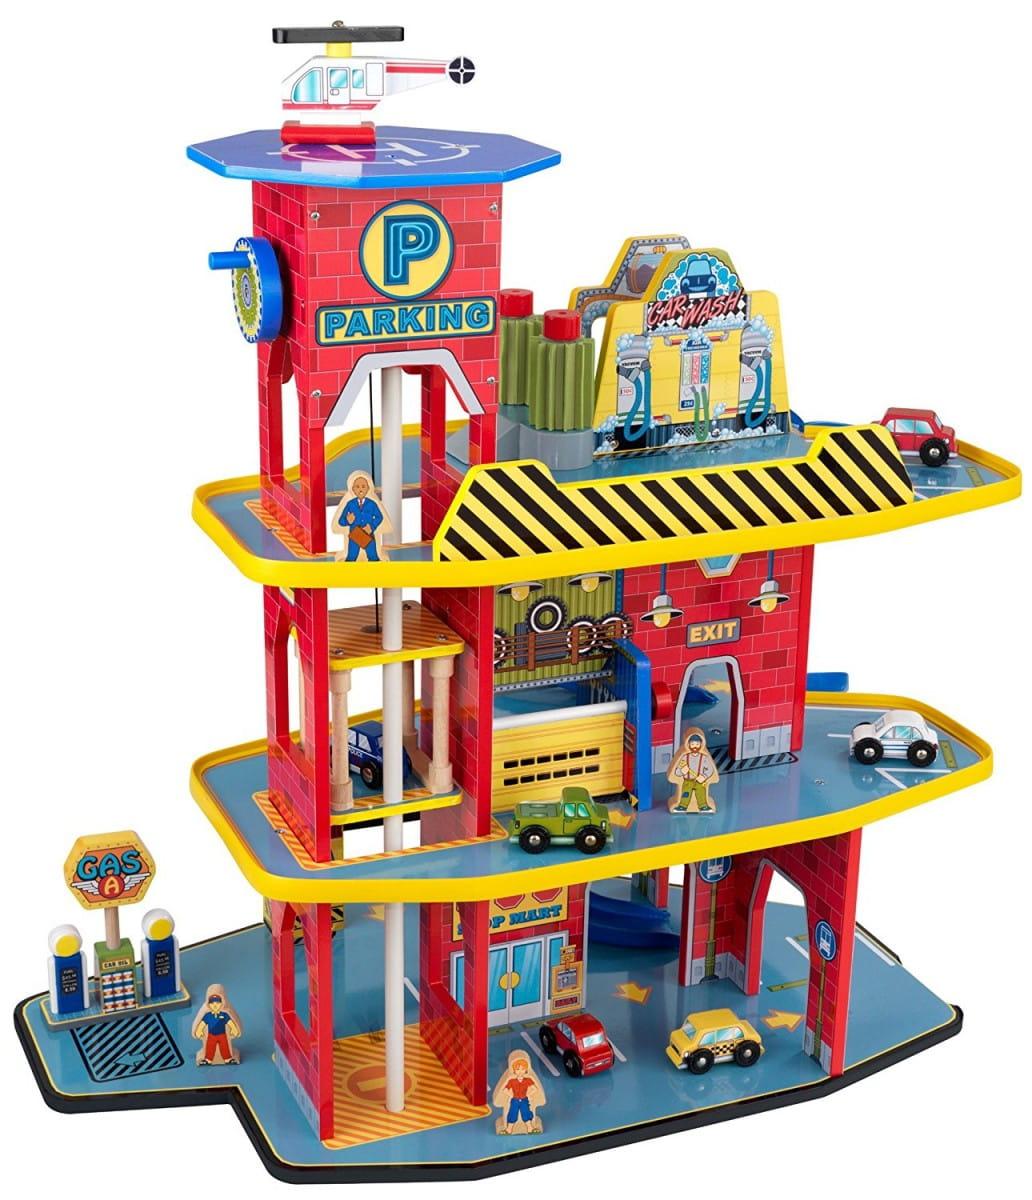 Купить Игровой набор KidKraft Паркинг Делюкс в интернет магазине игрушек и детских товаров